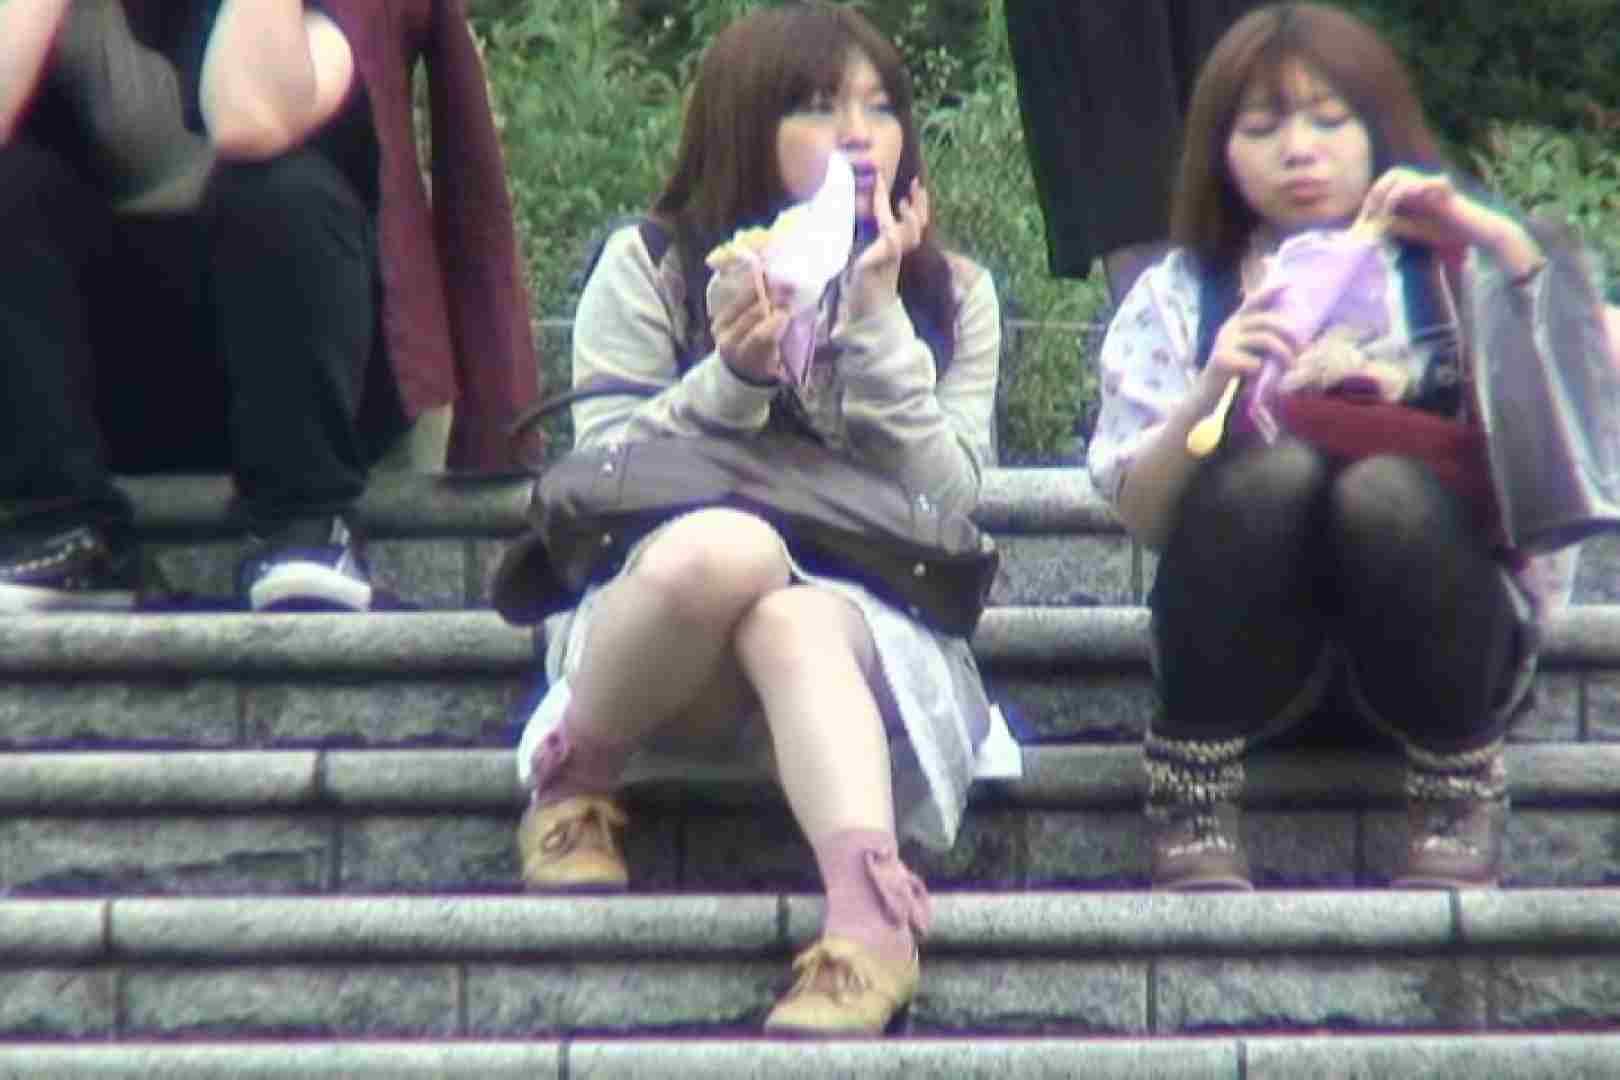 超最新版!春夏秋冬 vol.04 オマタギャル ヌード画像 87連発 74